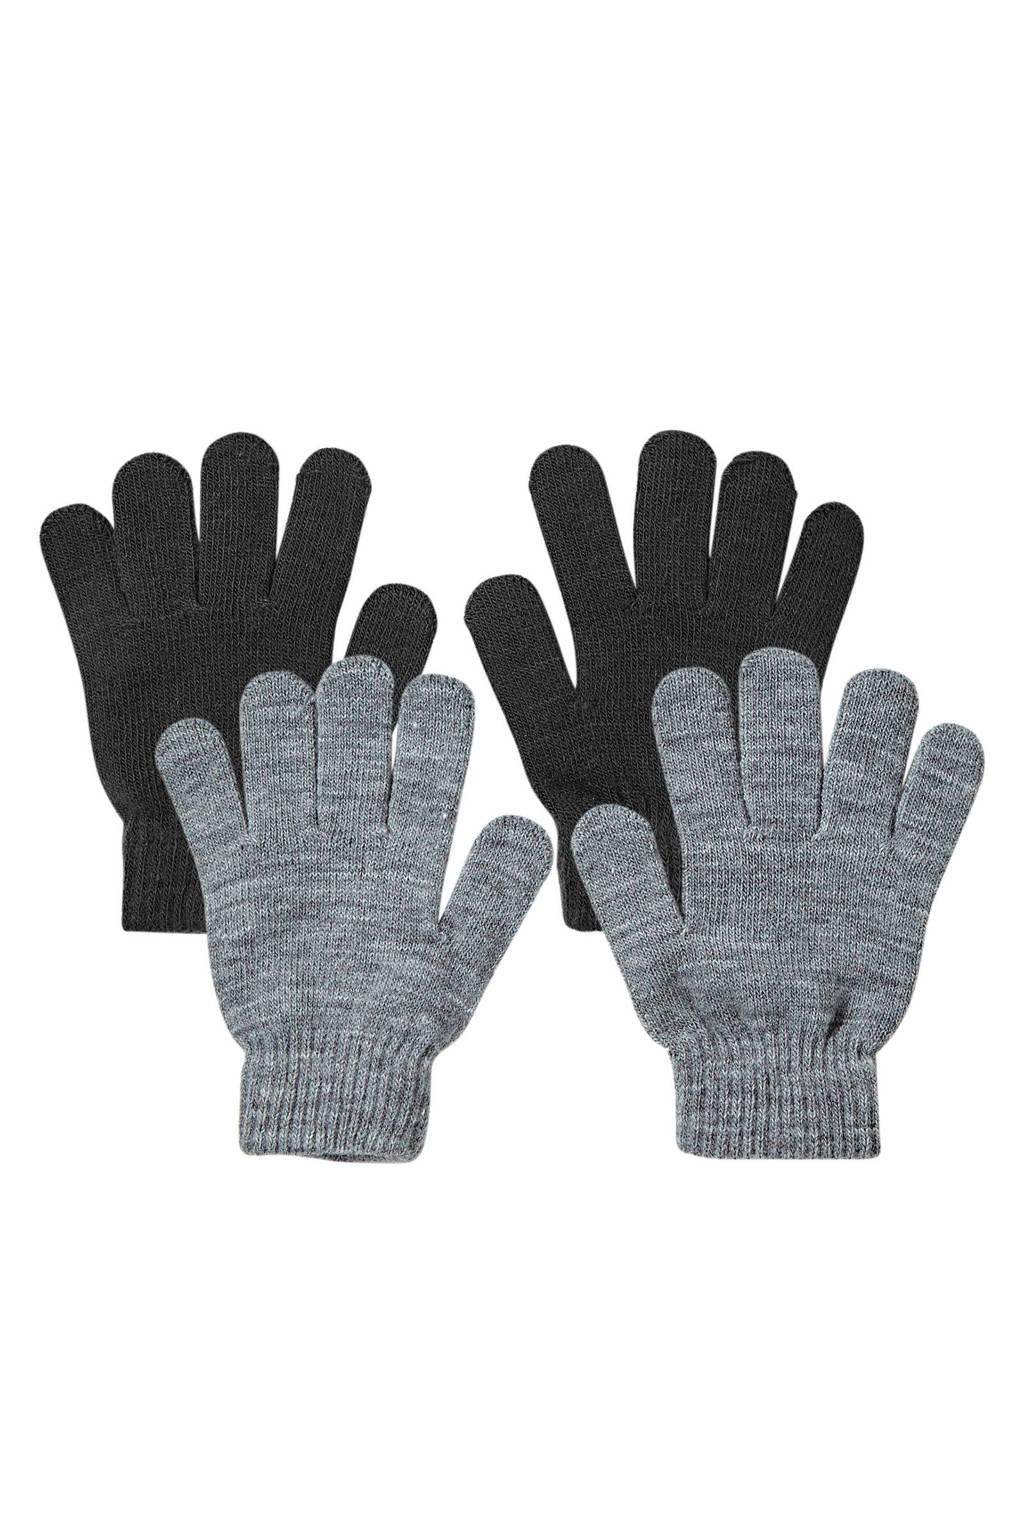 Sarlini gebreide handschoenen - set van 2 zwart, Zwart/multi